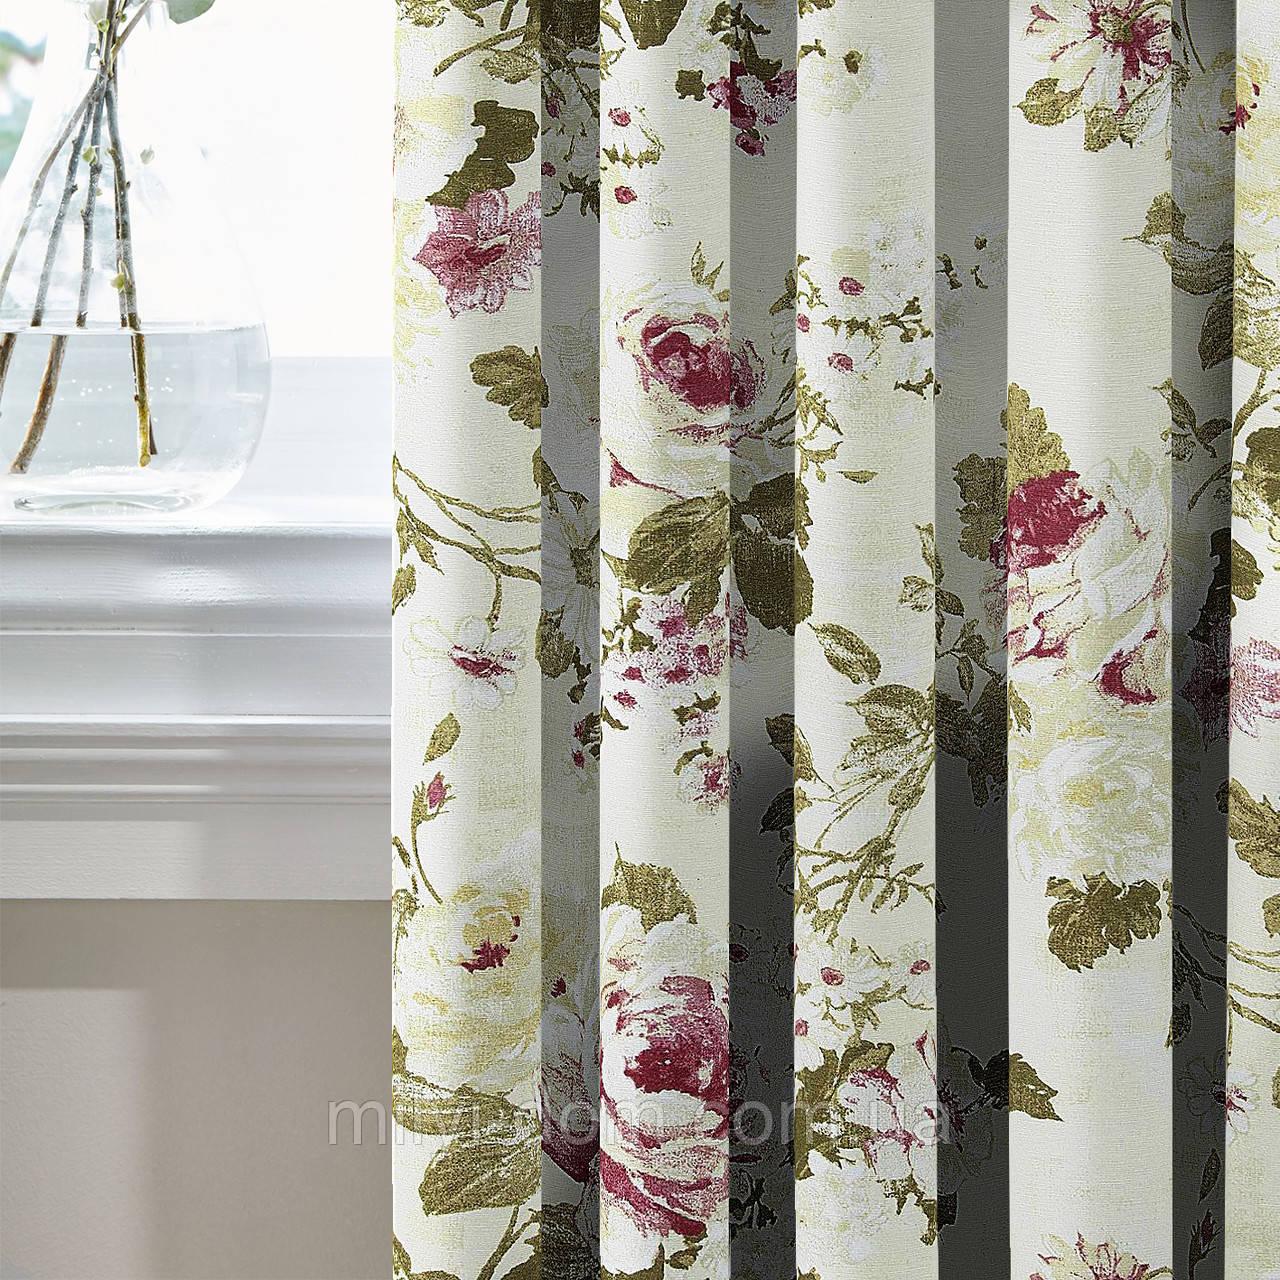 Штори в стилі Прованс Айрет Великі квіти Молочний (MG-SHT-140357), 170 * 135 см (2 шт.)